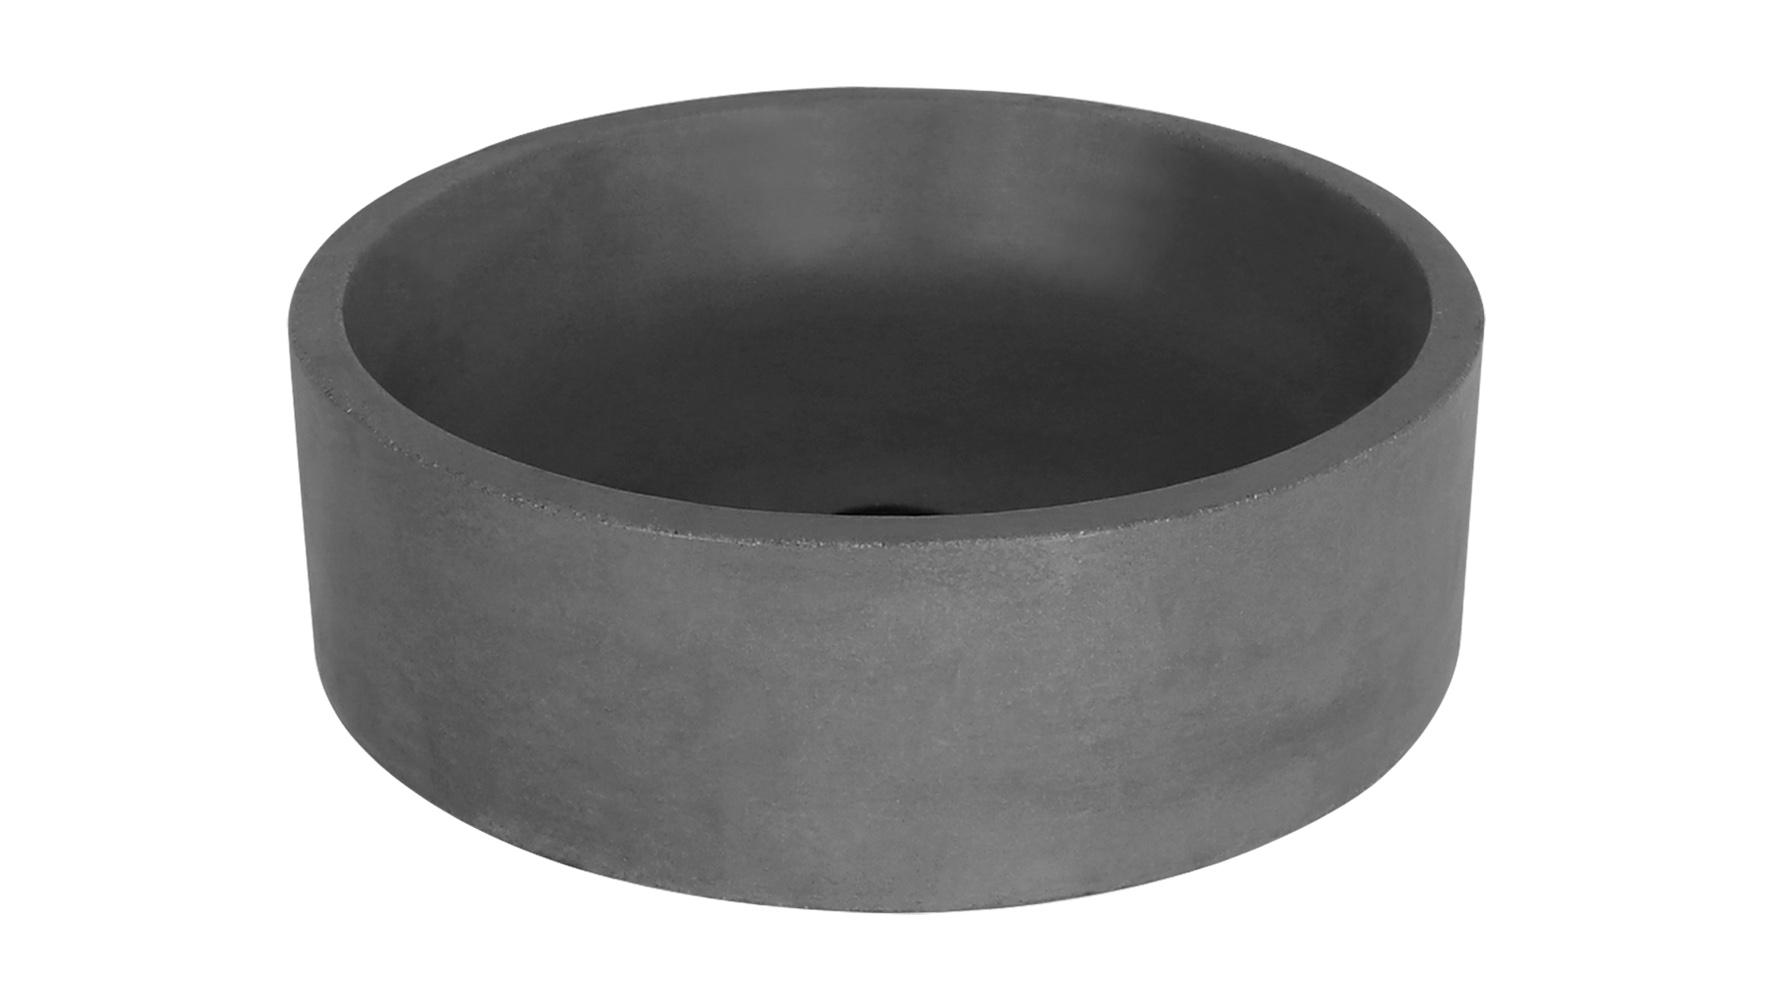 marba-rond-donker-beton